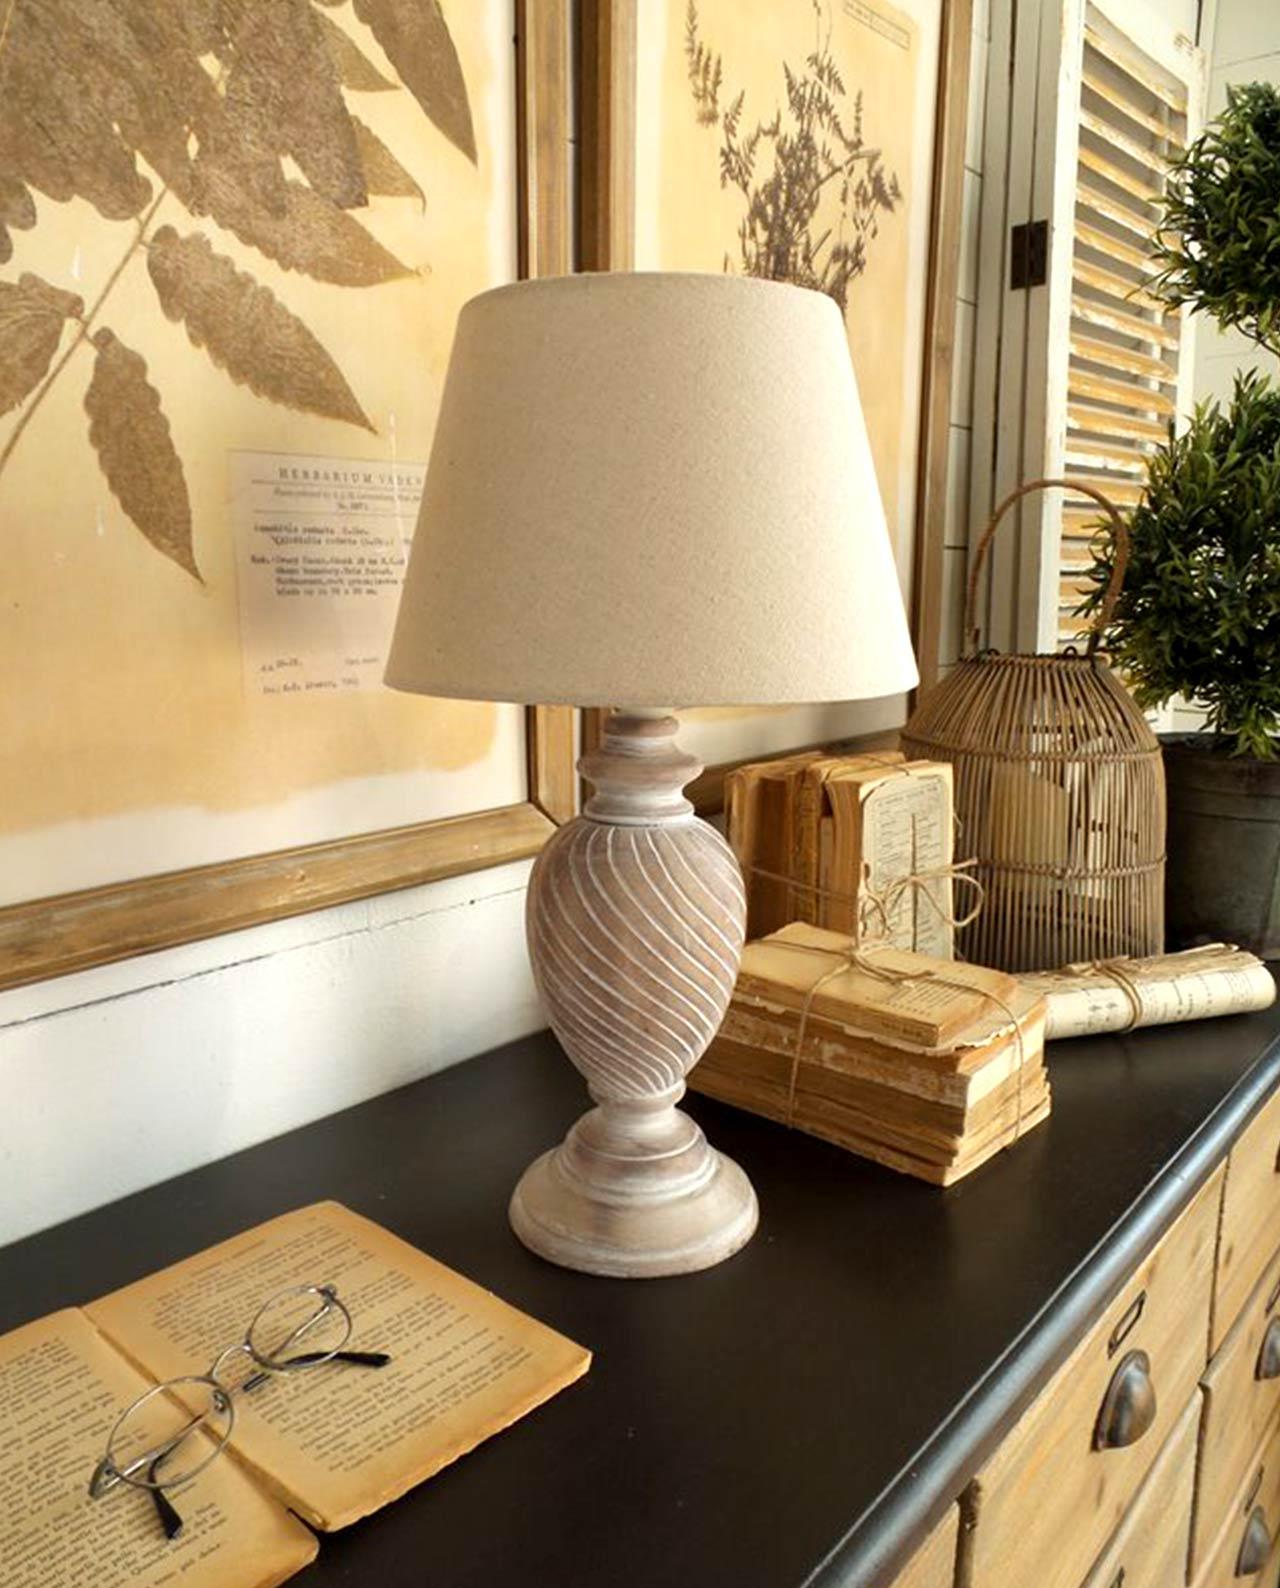 Lampada da tavolo in legno intagliato country mobilia store home favours - Lampade da tavolo prezzi ...